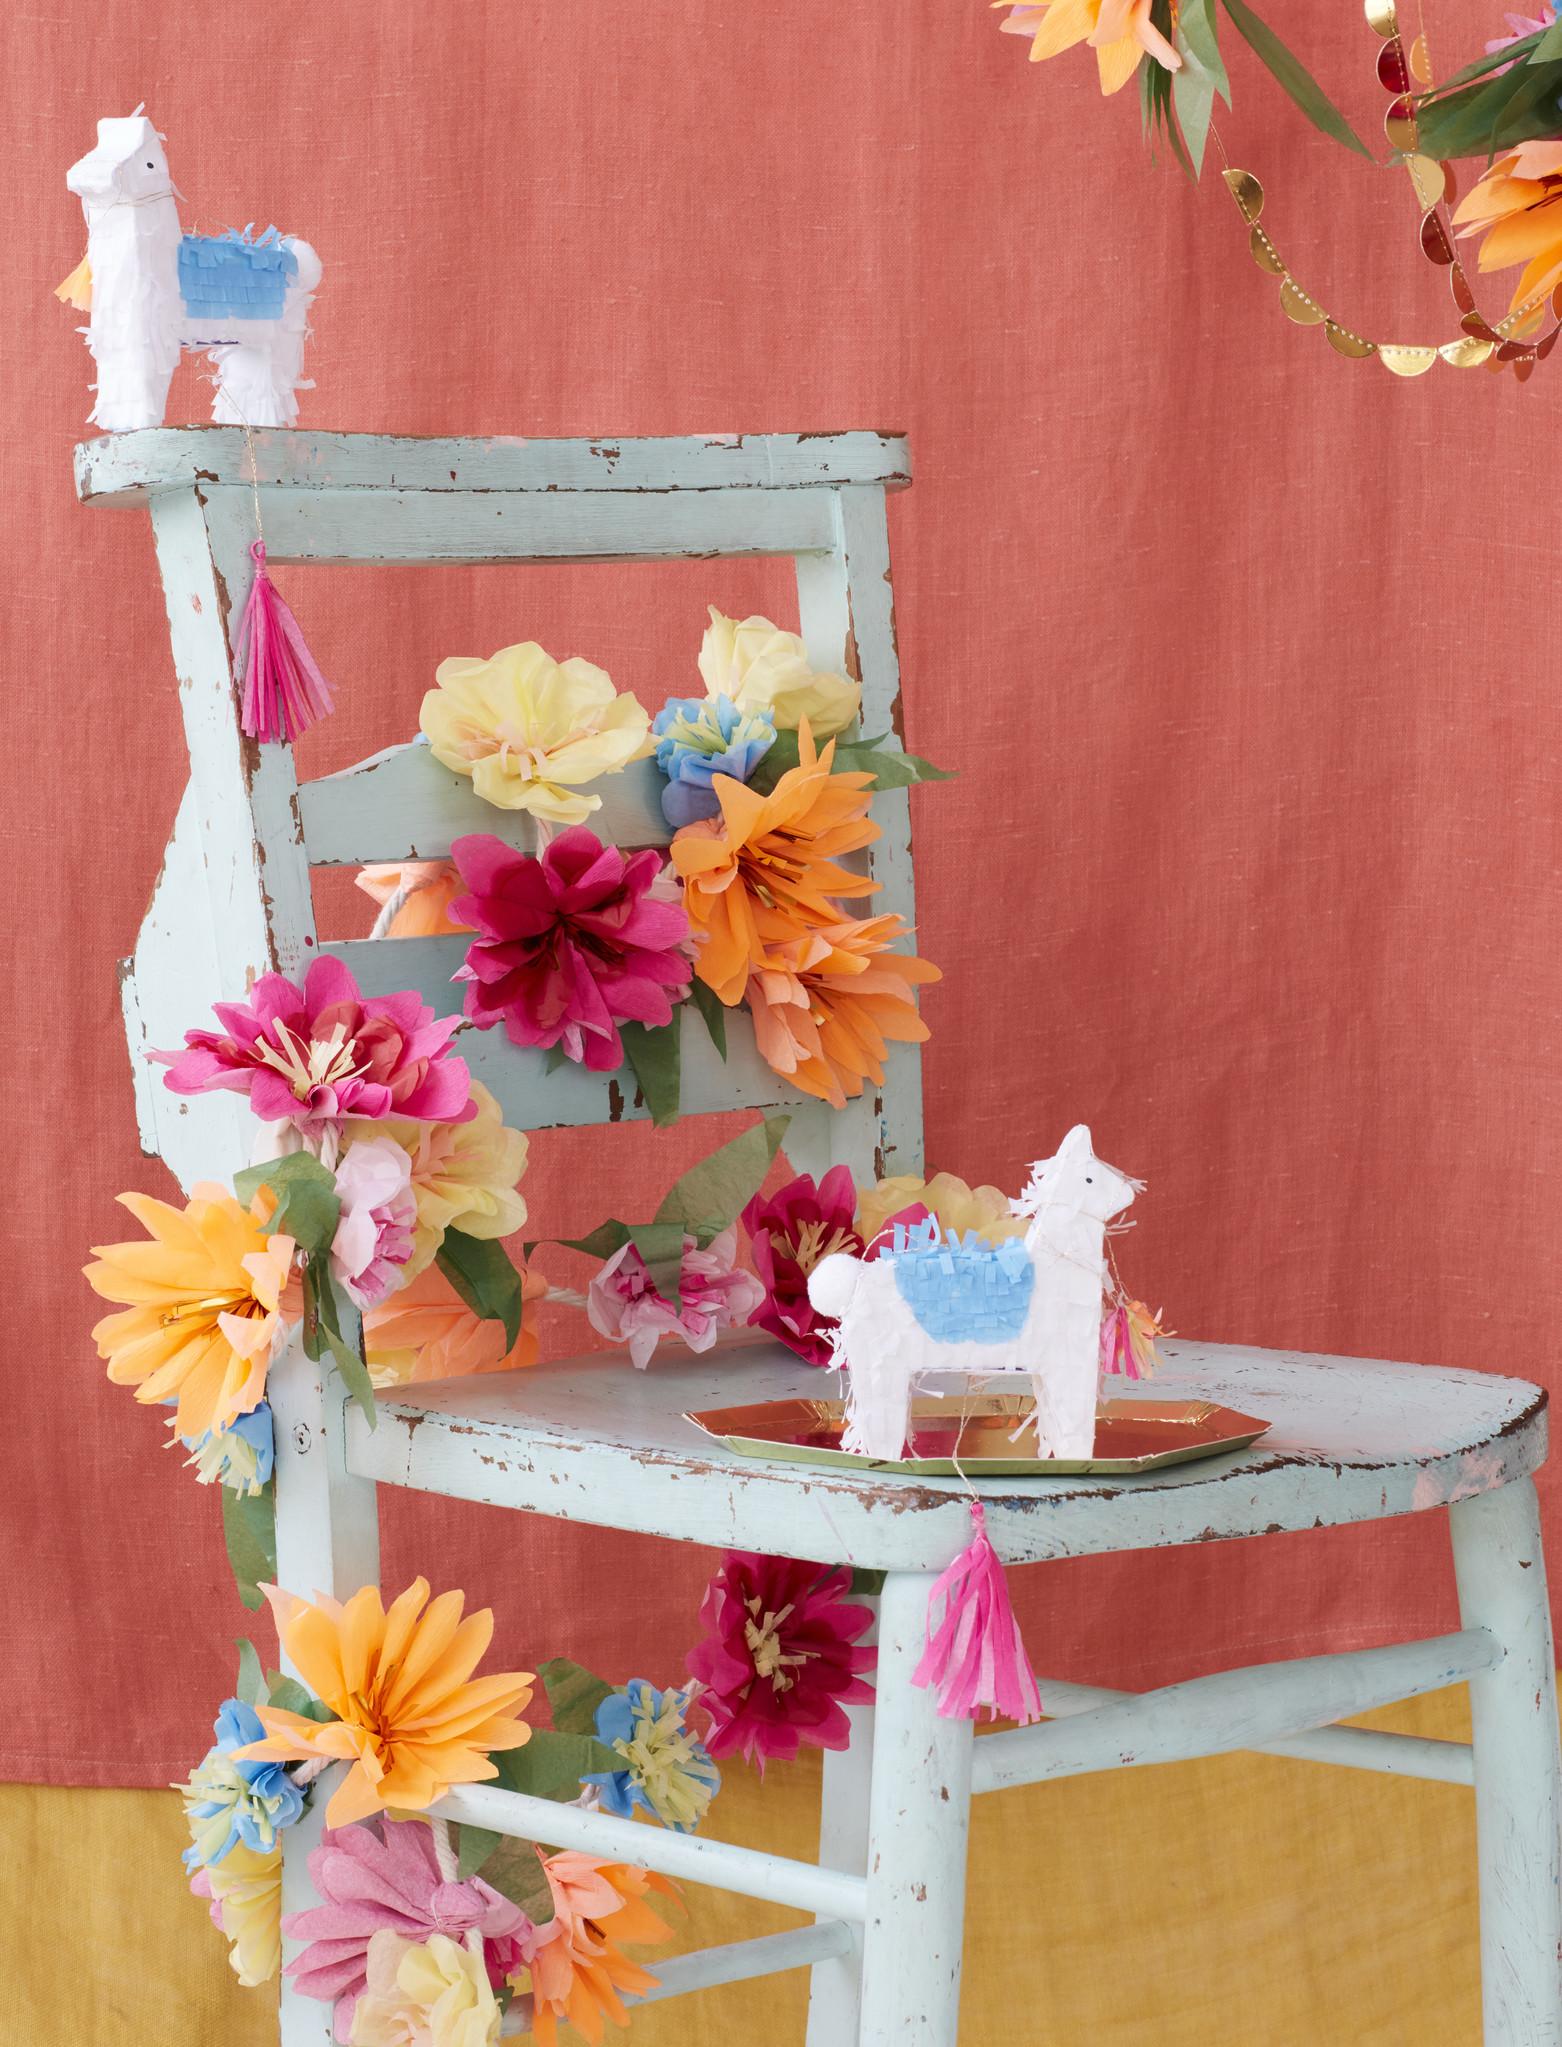 MERIMERI Bright blossom garland